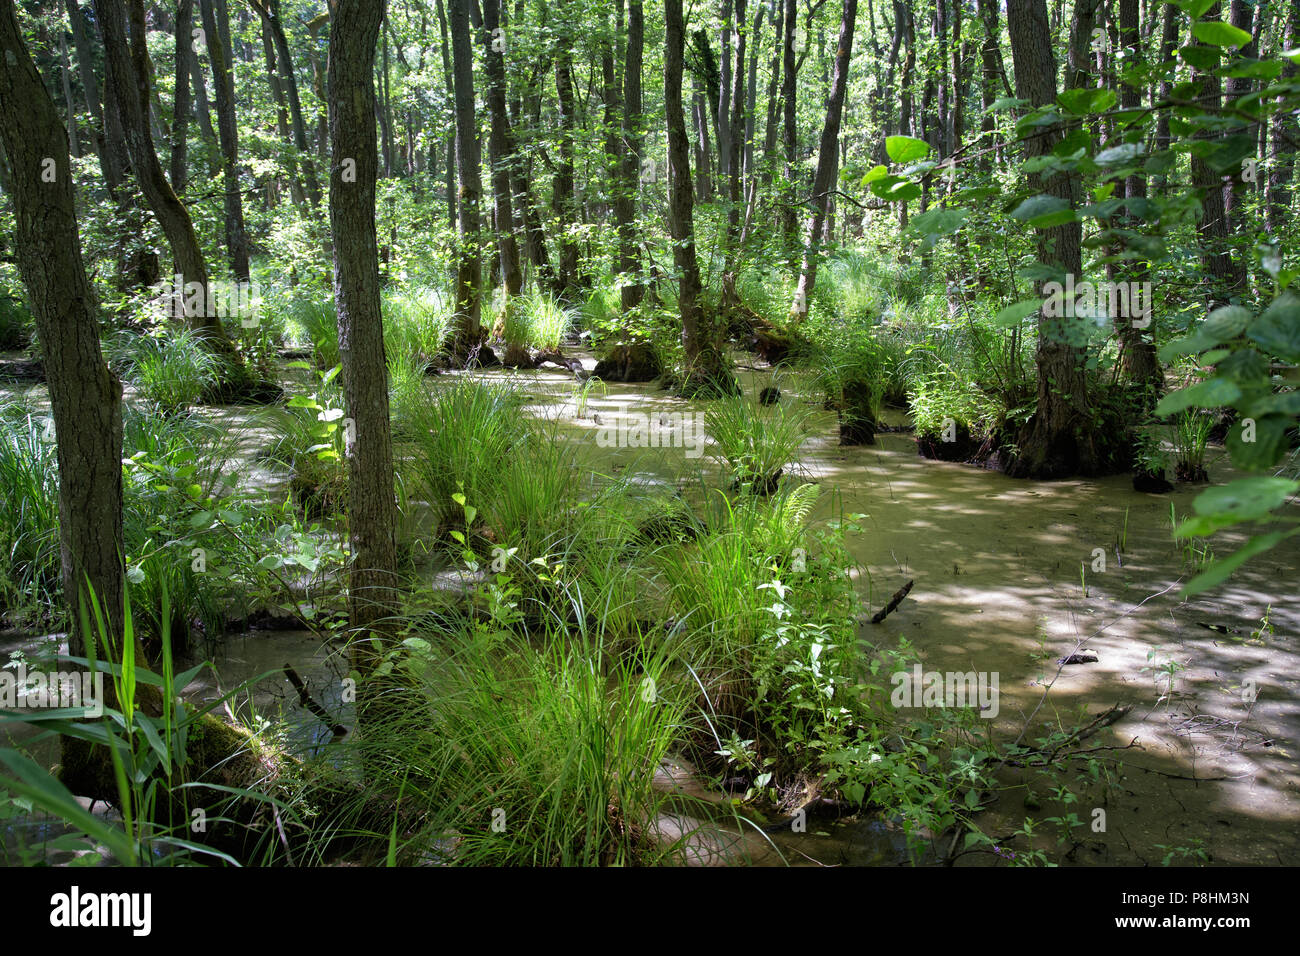 Wald Landschaft im Osten Deutschlands in der Nähe von Polen alten Wald bestreut mit sumpfigen Teiche Stockbild